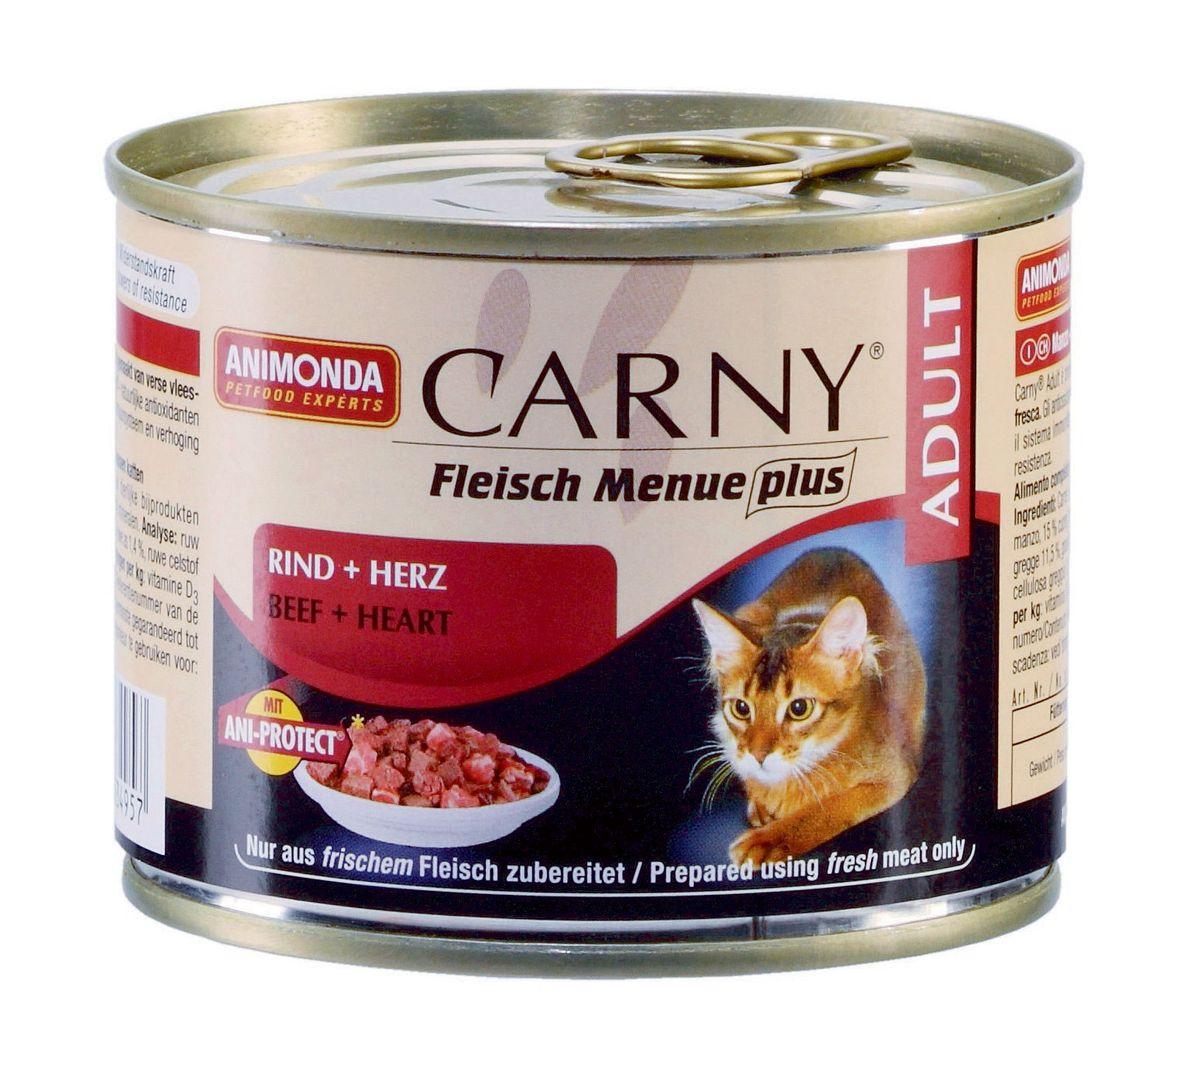 Консервы Animonda Carny для взрослых кошек, с говядиной и сердцем, 200 г47147Кошки большие любители мяса и не обманывают себя, когда речь идет о качестве. Свежие, нежные, сочные и вкусные консервы не требуют никаких дополнительных добавок или вспомогательных средств для улучшения внешнего вида и вкуса. Гарантировано отсутствие в составе продукта сои, искусственных красителей, консервантов и генетически модифицированного сырья. Корм имеет естественный, подлинный и типичный вкус мяса. Все ингредиенты, используемые при производстве, объявлены полностью открытыми и соответствуют описанию. Консервы Animonda Carny подвергаются дополнительной обработке для придания волокнам мяса более мягкой структуры. Специально разработан для удовлетворения потребностей кошек старше 7 лет.Состав: говядина 53% (говядина, печень, легкие, почки, вымя), бульон 31%, сердце 15%, карбонат кальция.Анализ: белок 11,5%, жир 5%, клетчатка 0,3%, зола 1,4%, влажность 79%.Добавки (на 1 кг продукта): витамин D3 250 МЕ, витамин Е (a-токоферол) 30 мг. Вес: 200 г.Товар сертифицирован.